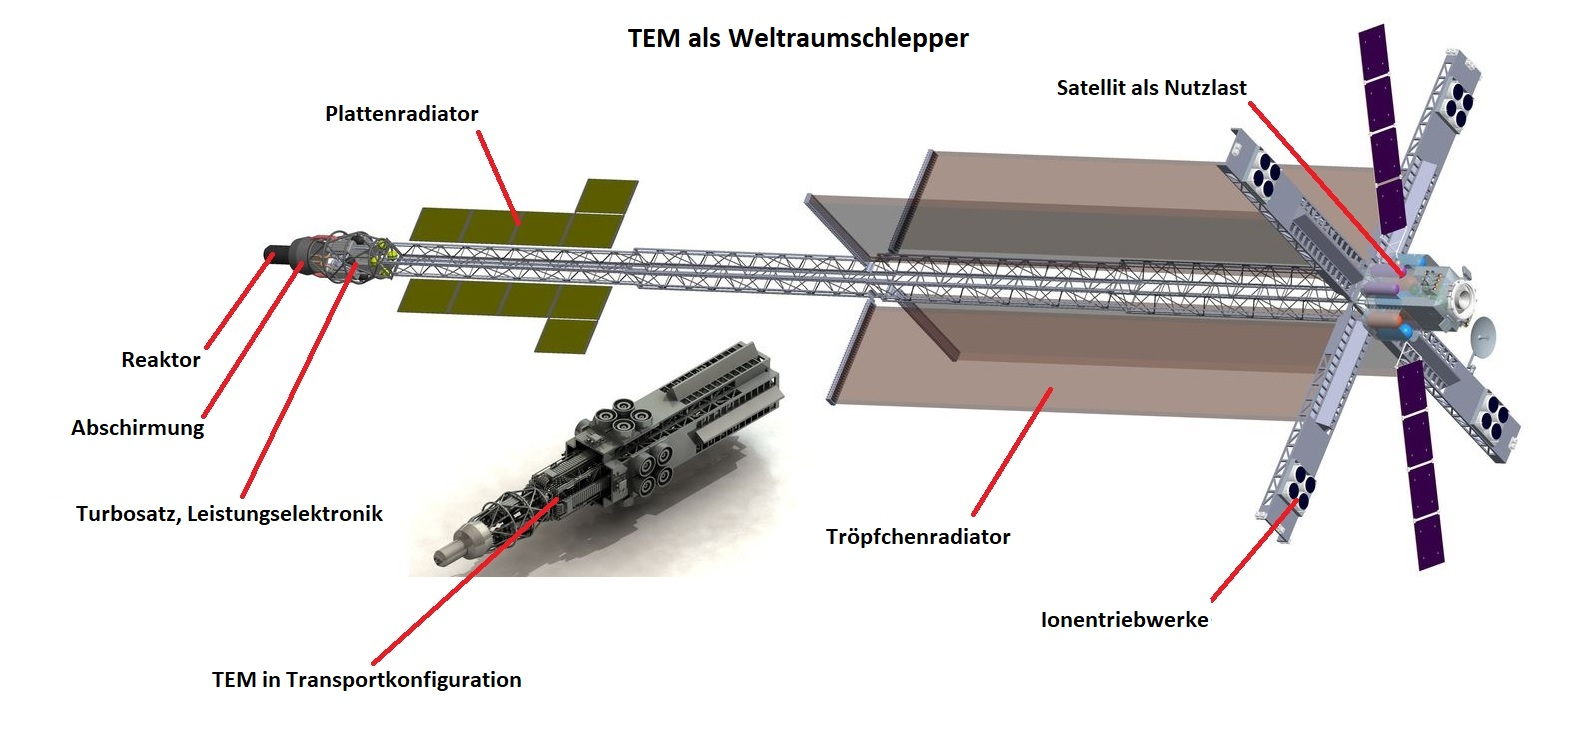 Grafik: TEM als Weltraumschlepper. Quelle: CNES/DLR